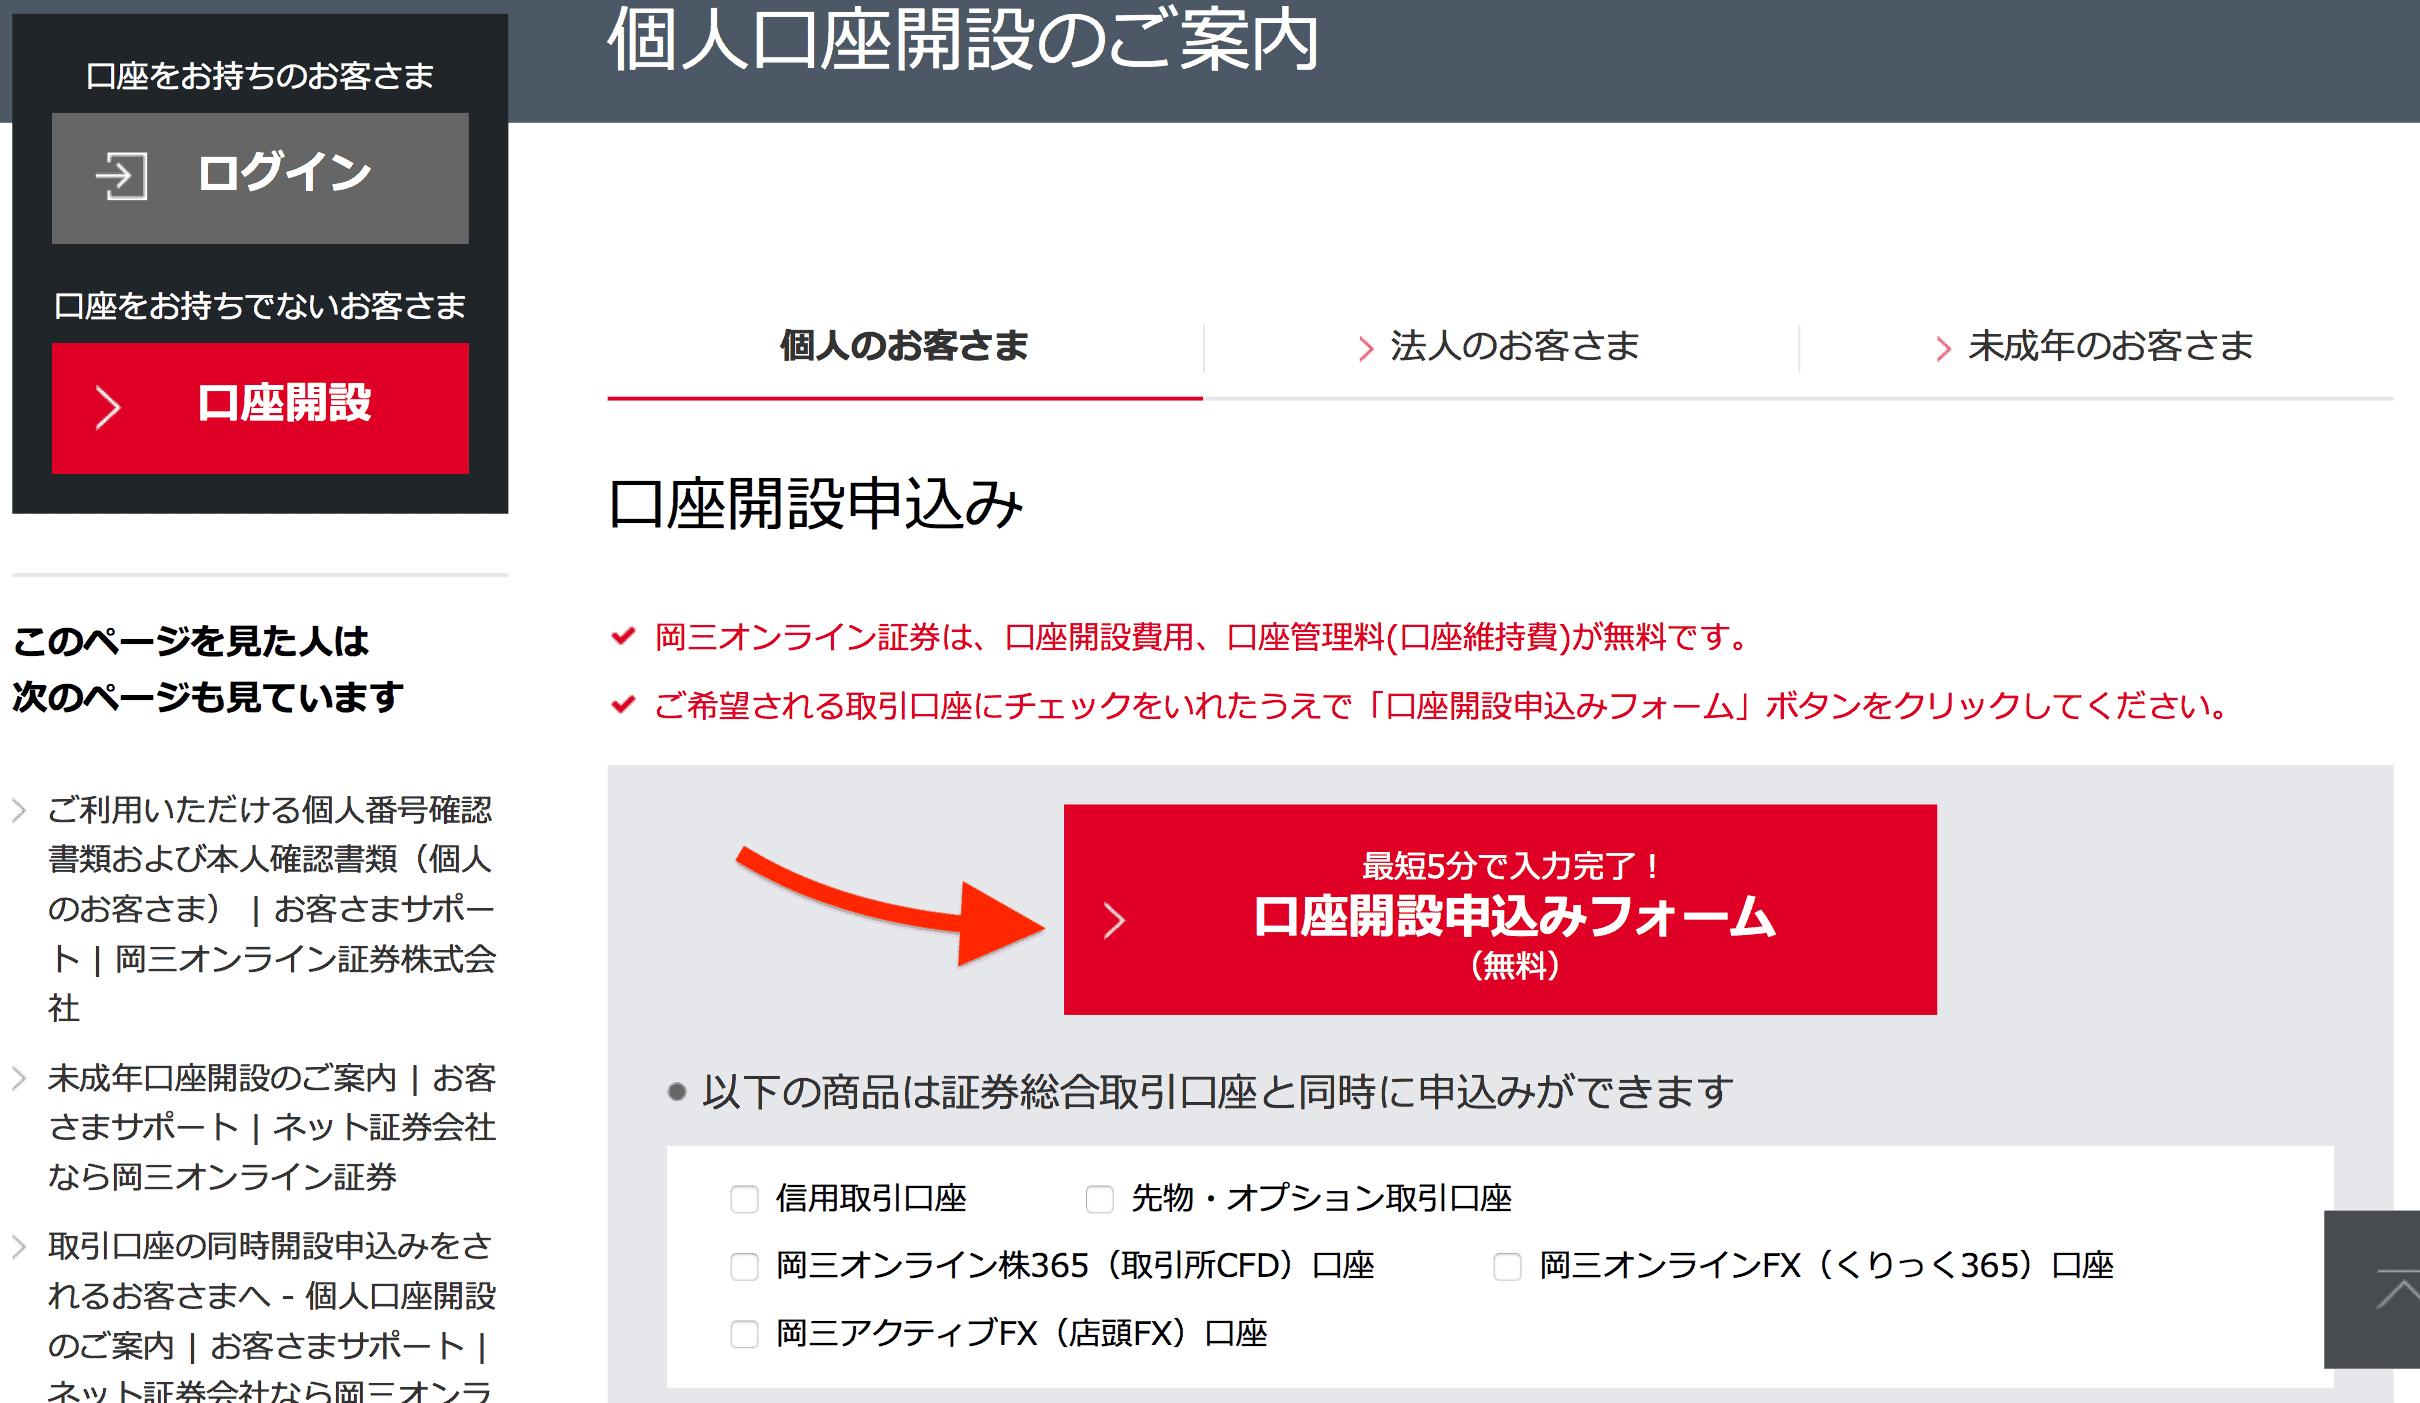 岡三オンライン証券の口座開設フォーム(無料)へ